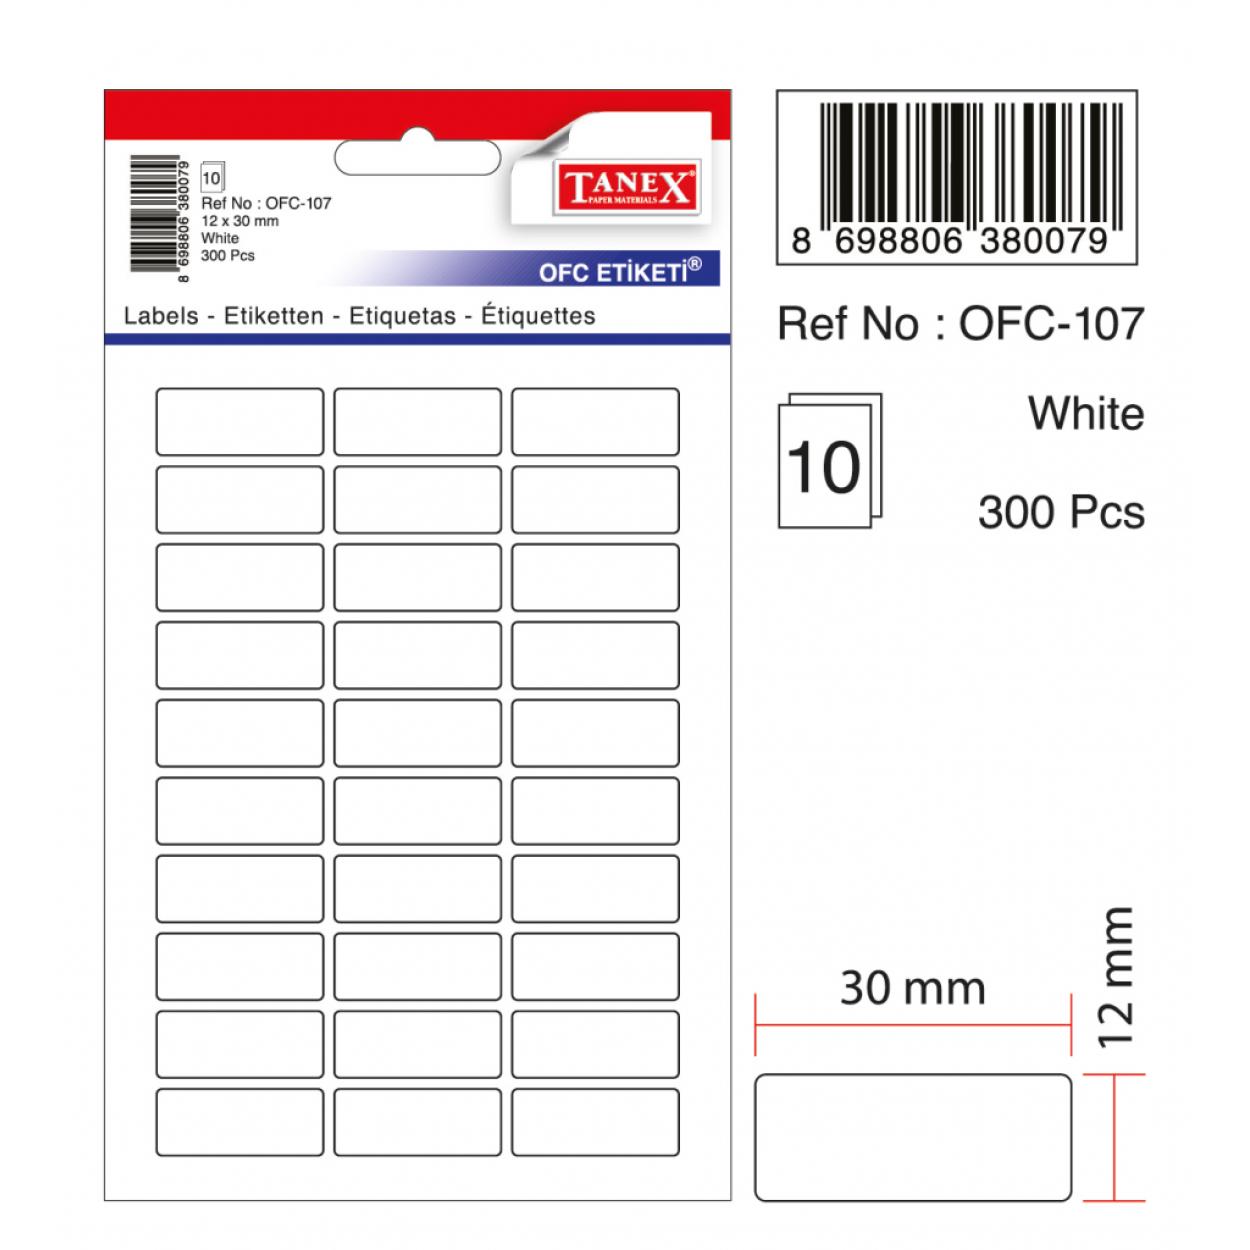 Tanex Ofc-107 Beyaz Ofis Etiketi